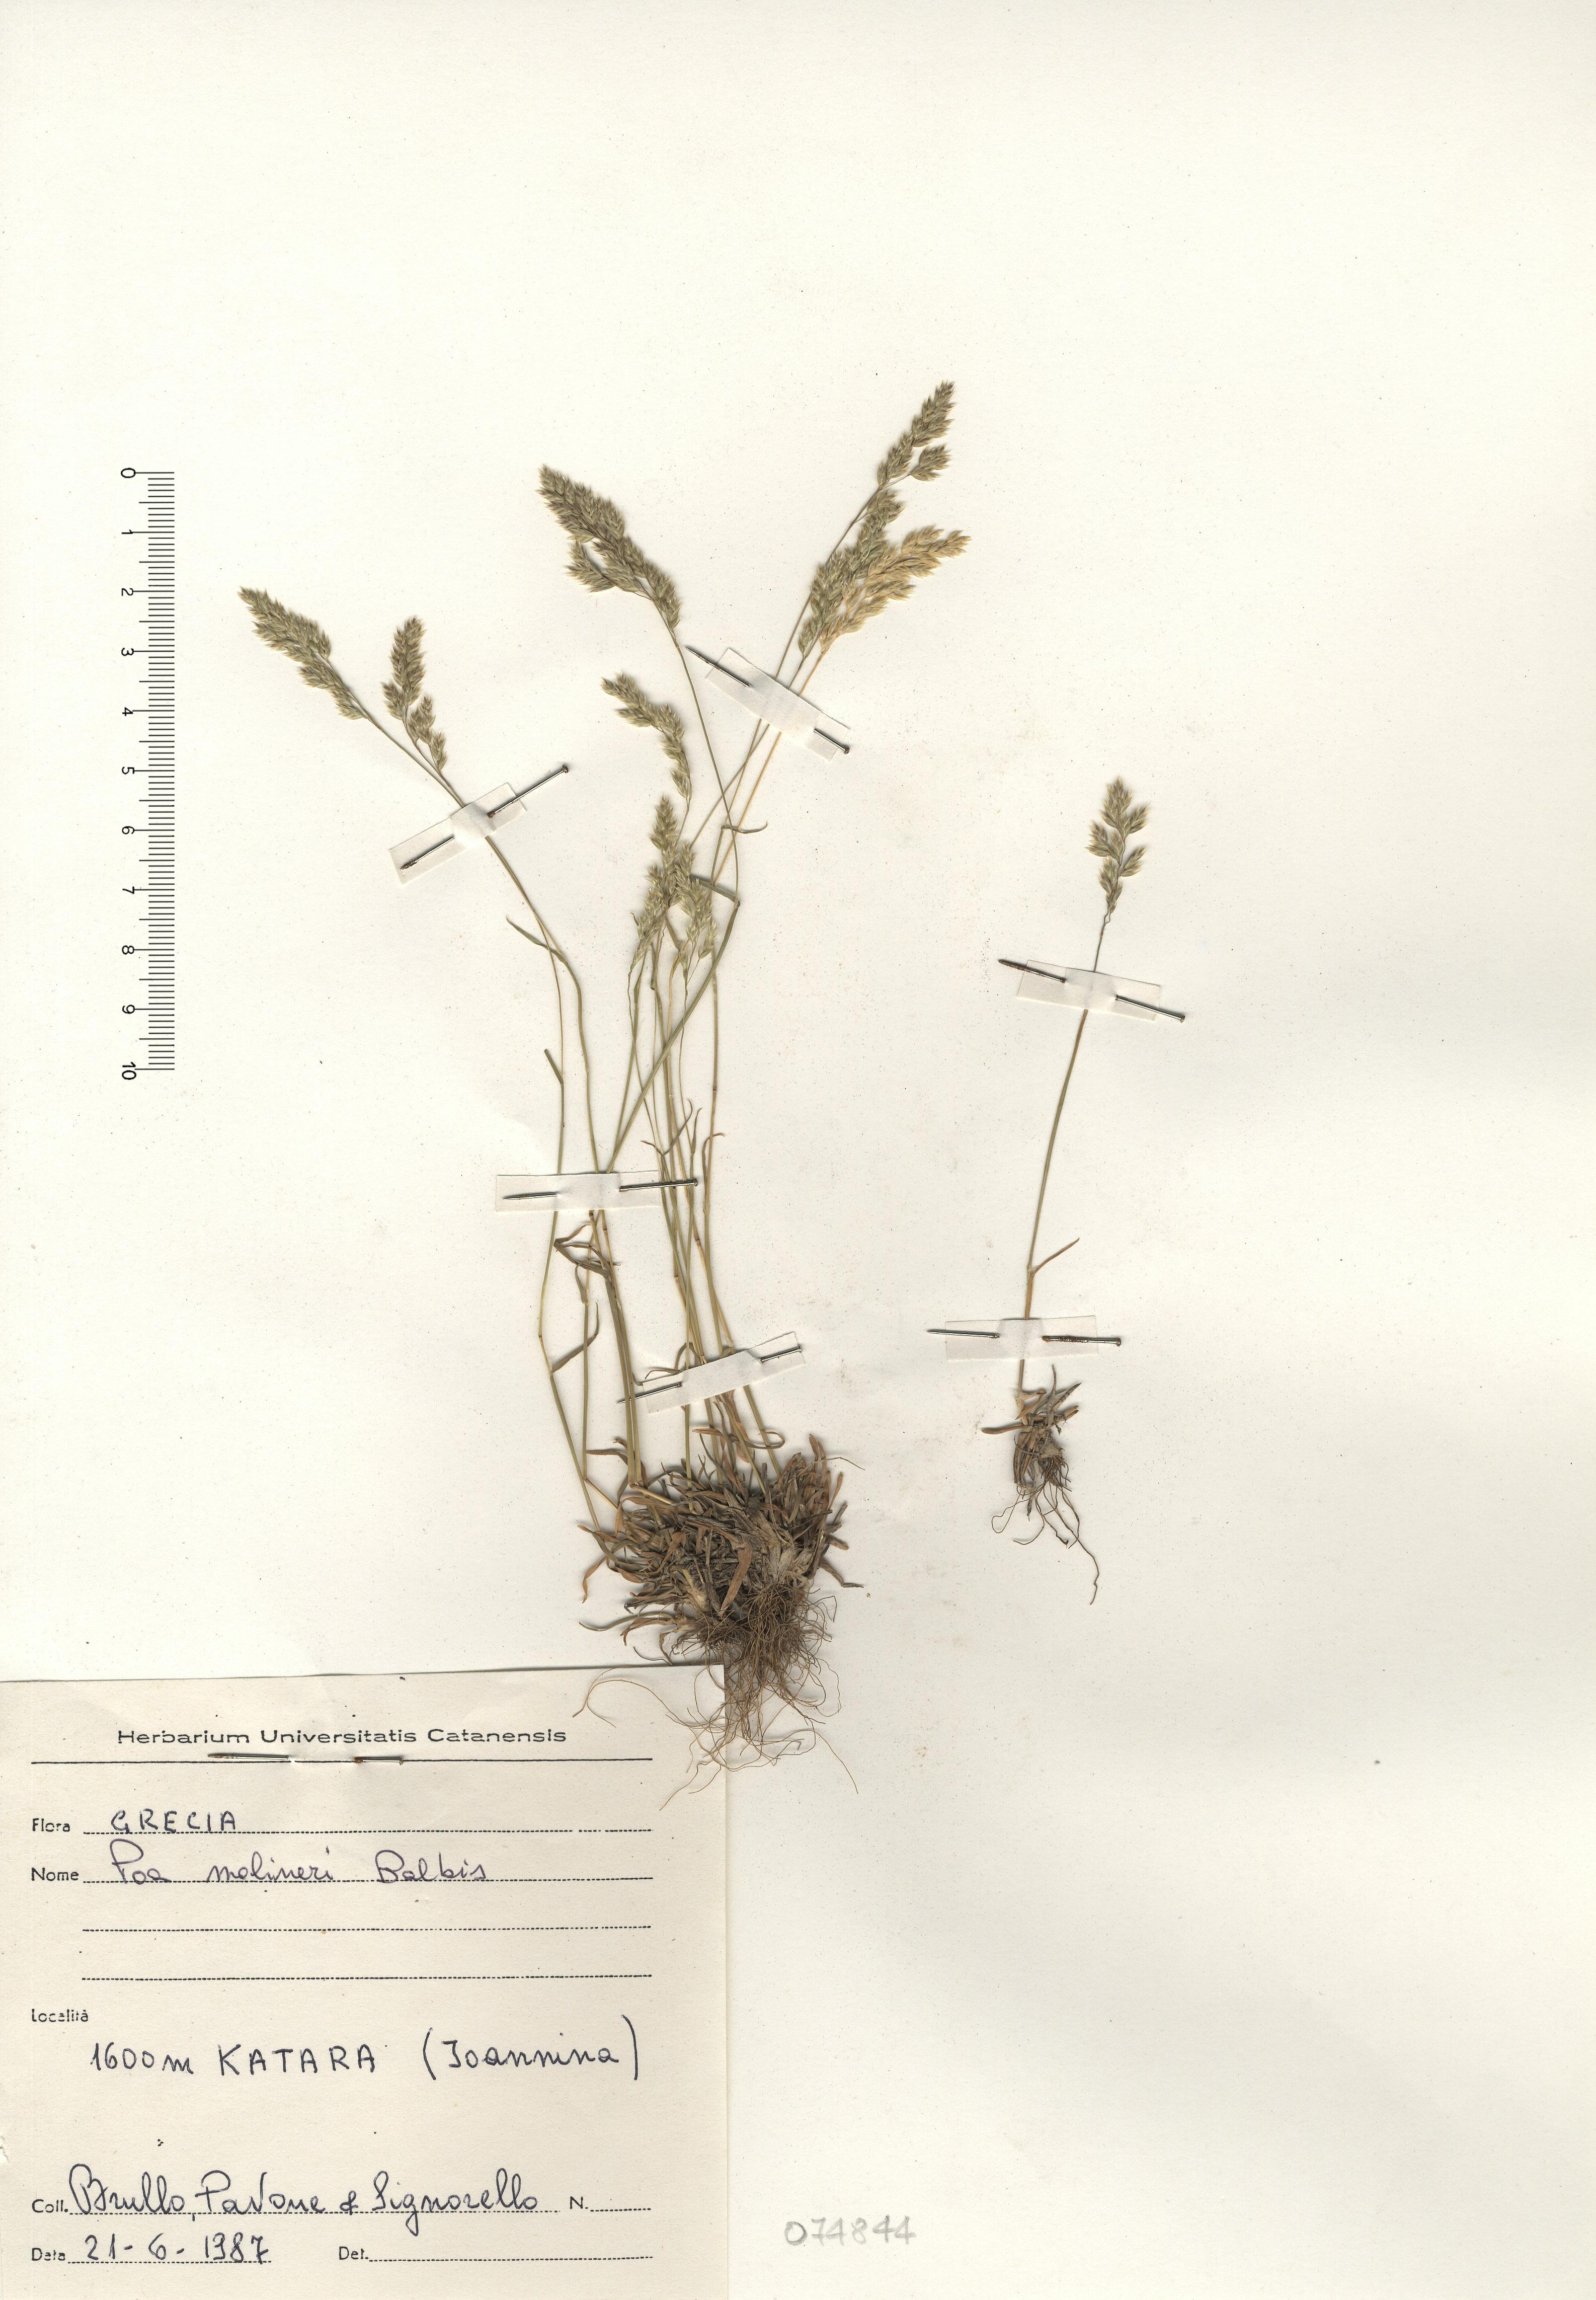 © Hortus Botanicus Catinensis - Herb. sheet 074944<br>